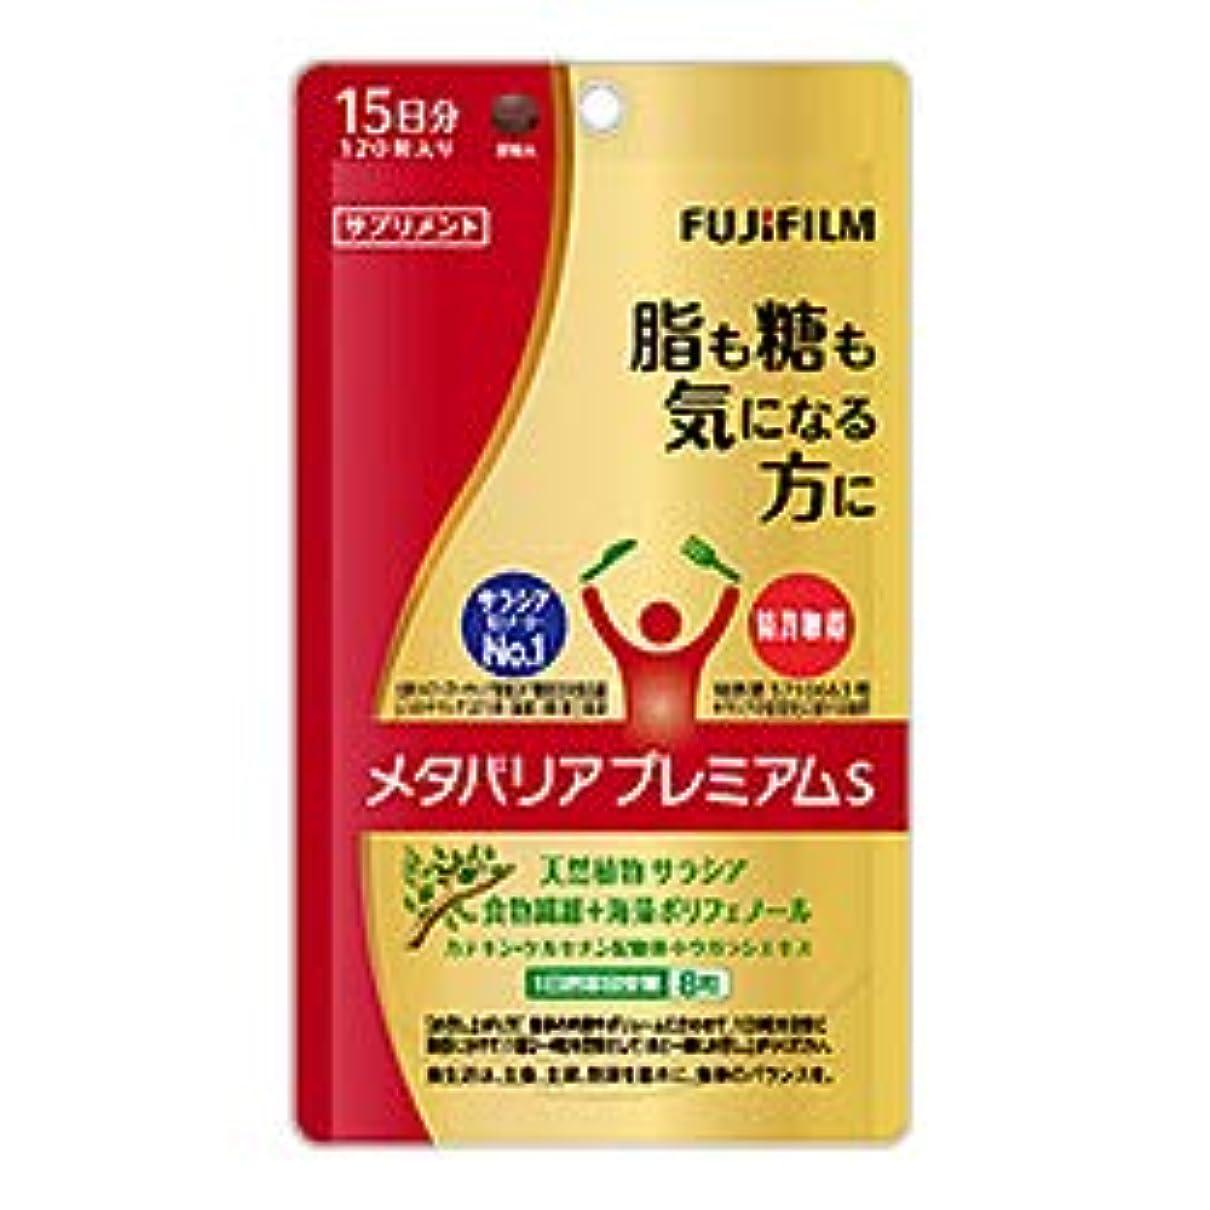 プランテーション純粋な不快【富士フイルム】メタバリア プレミアムS 120粒 (15日分) ×2個セット